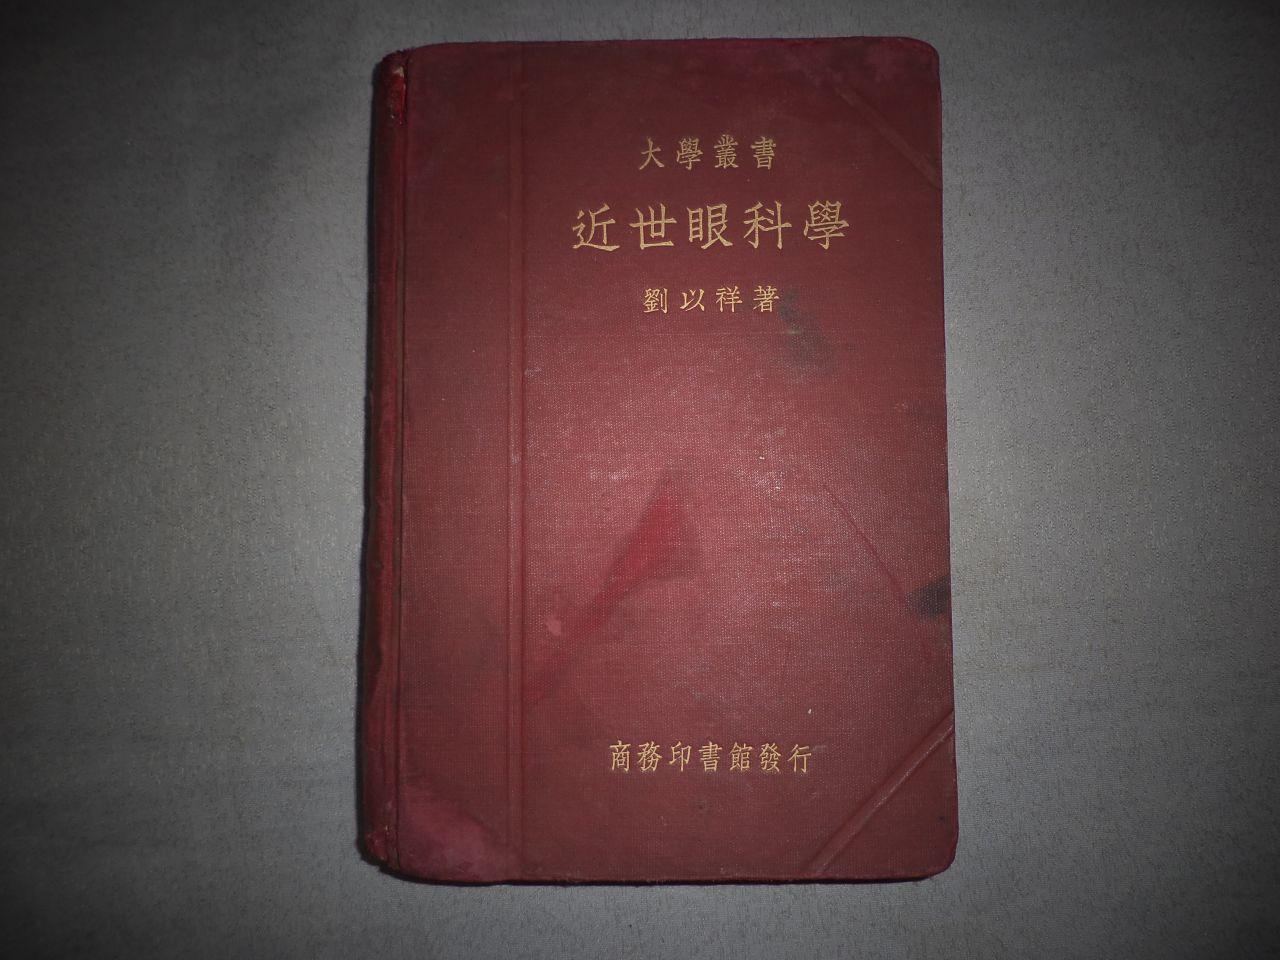 近世眼科学(大学丛书)【封面、封底、书脊修补过。书边有水渍